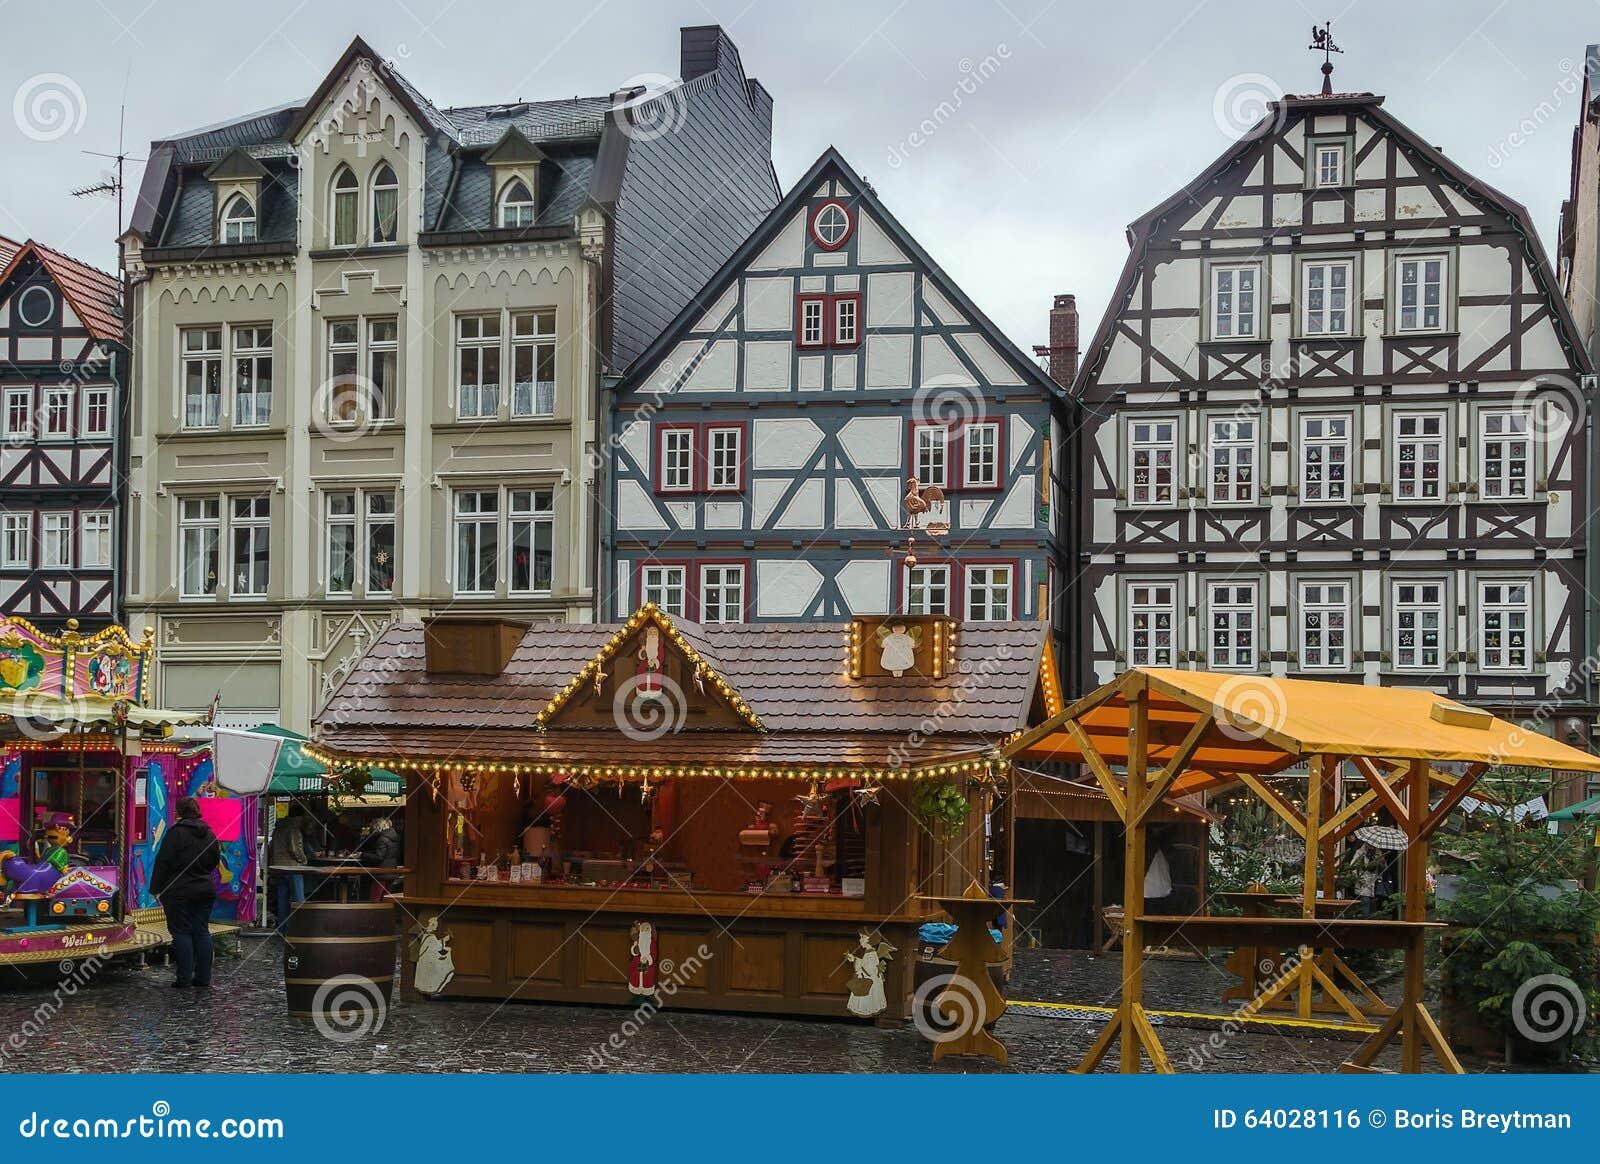 Alsfeld Weihnachtsmarkt.Hauptplatz Von Alsfeld Deutschland Stockfoto Bild Von Gebäude